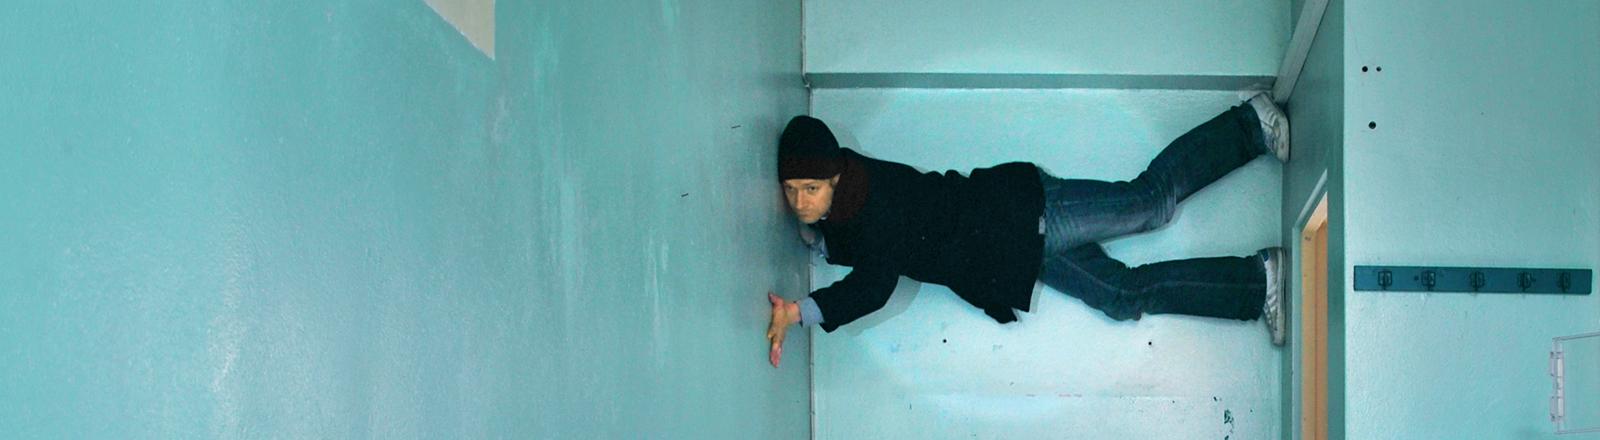 Ein Mann hält sich waagerecht zwischen zwei Wänden mit Füßen und Händen fest.